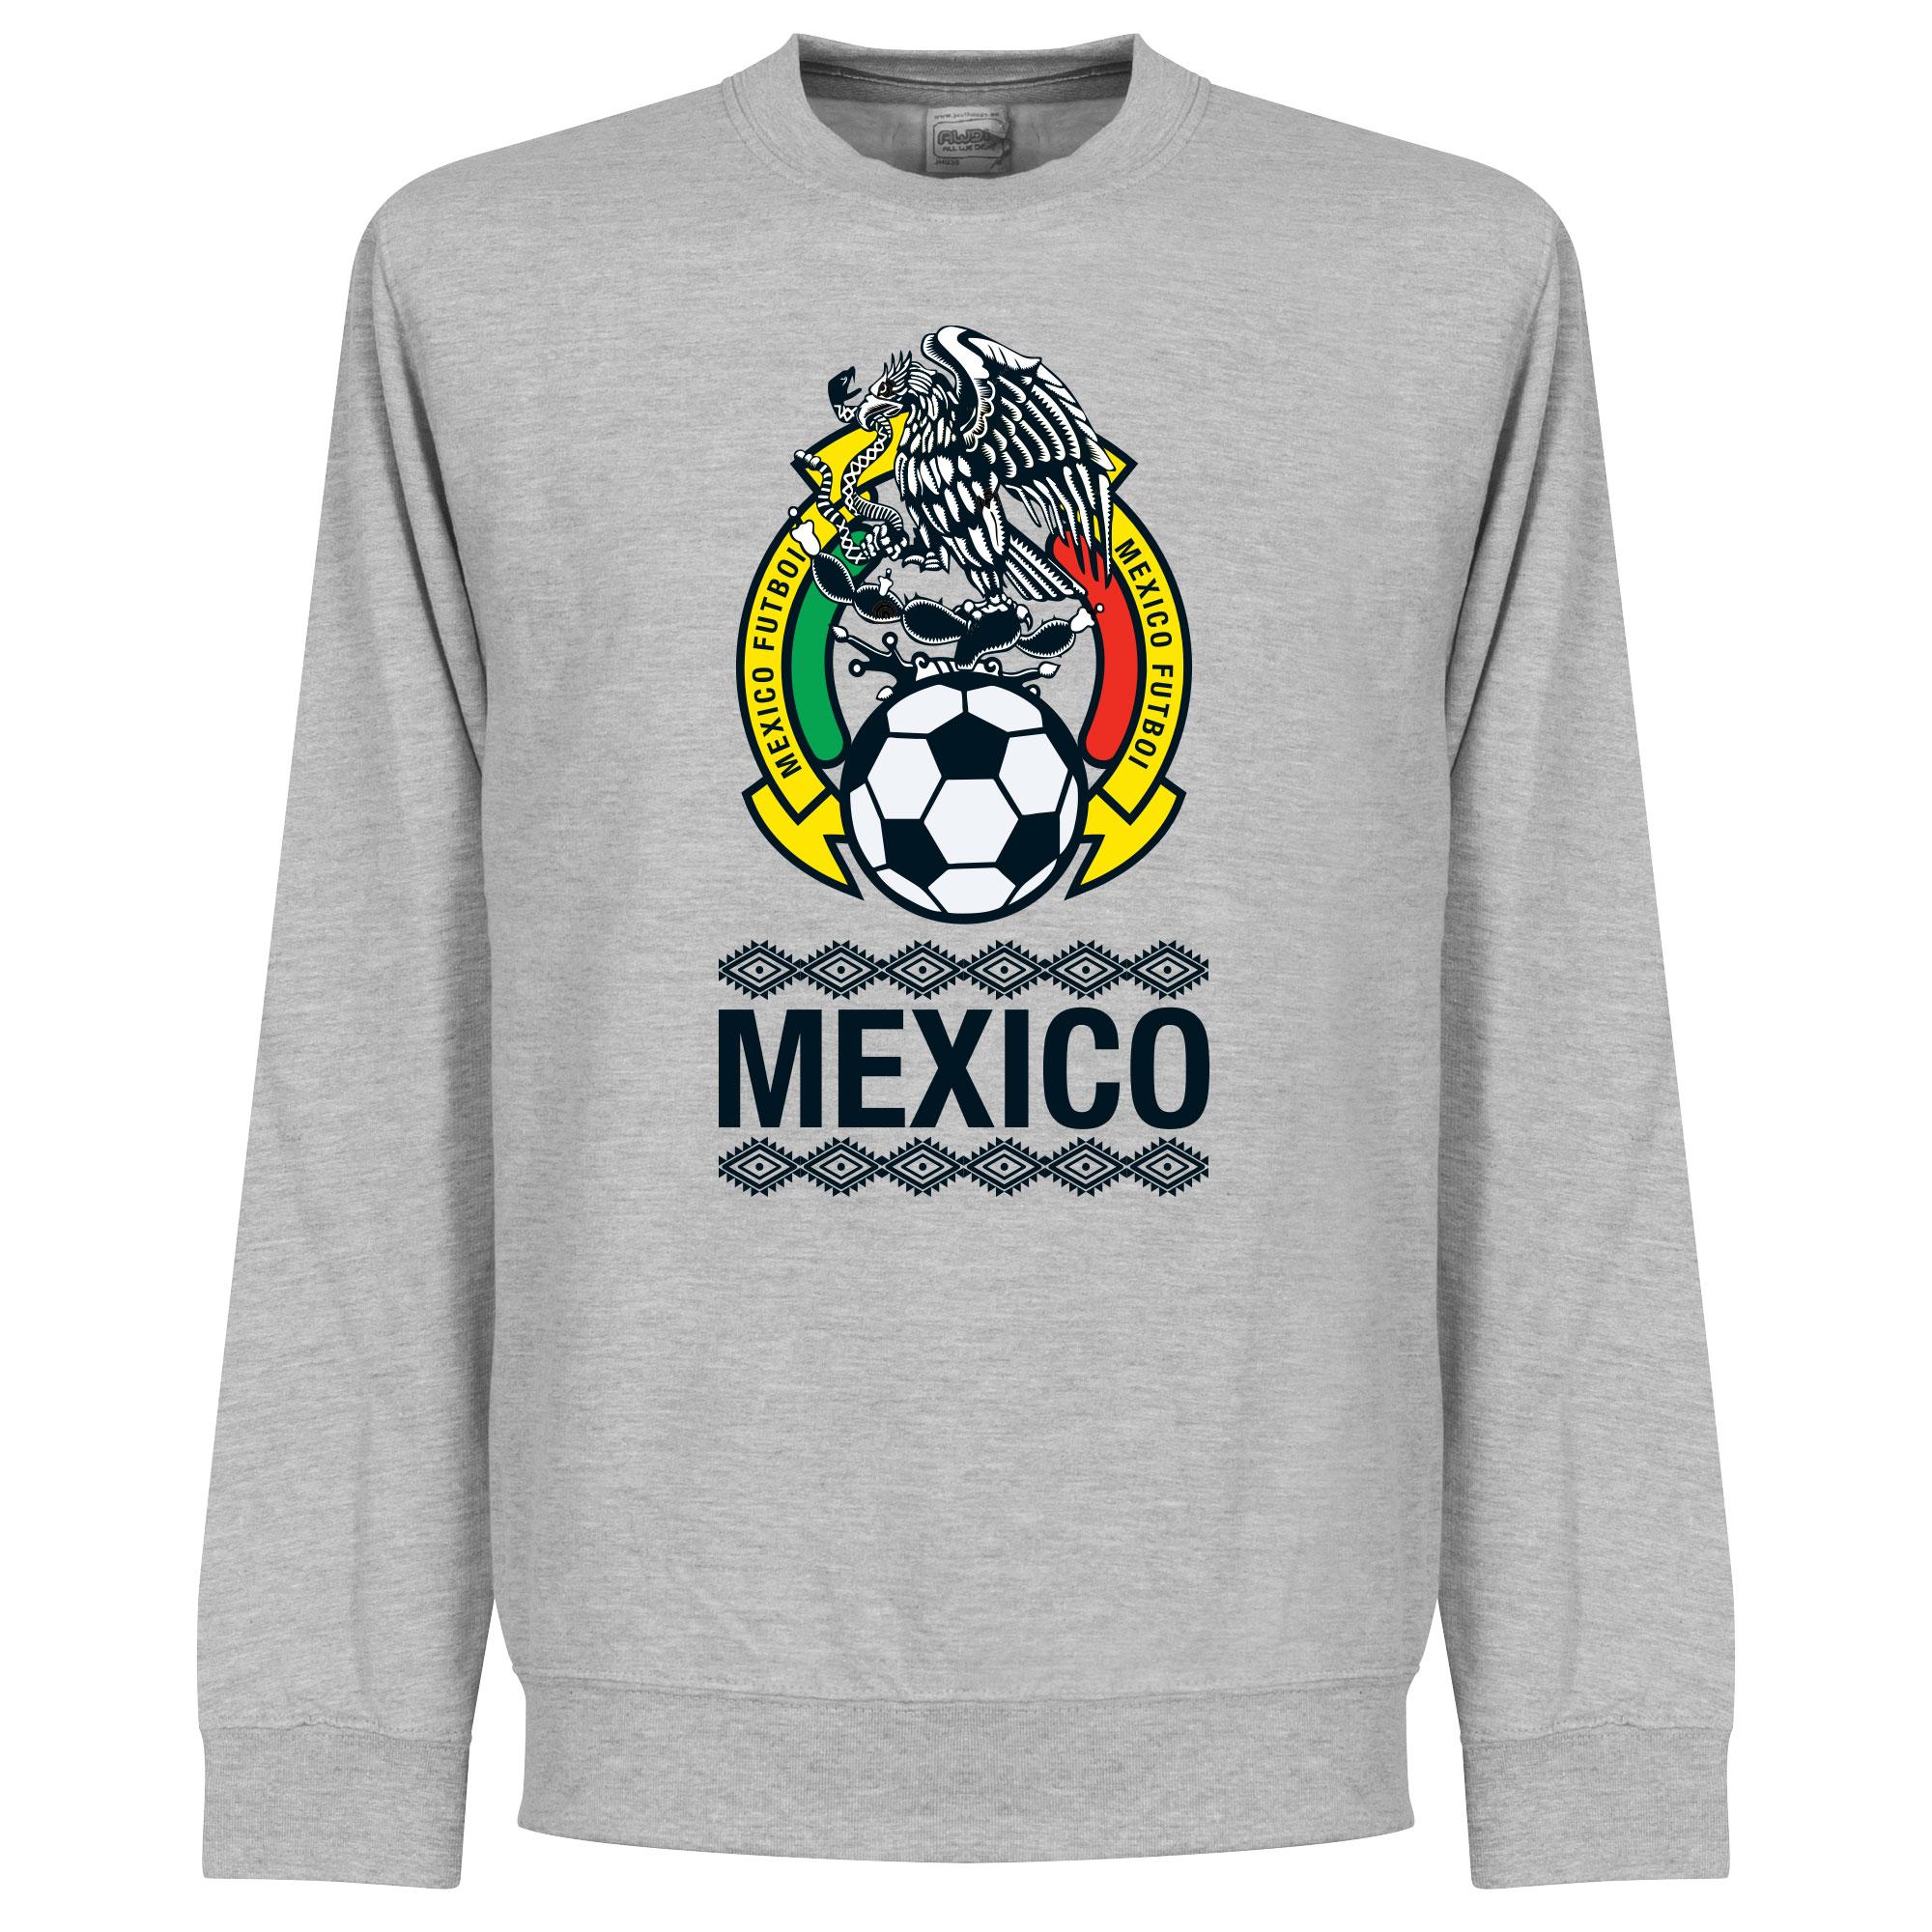 Mexico Crest Sweatshirt - Grey - XXXL